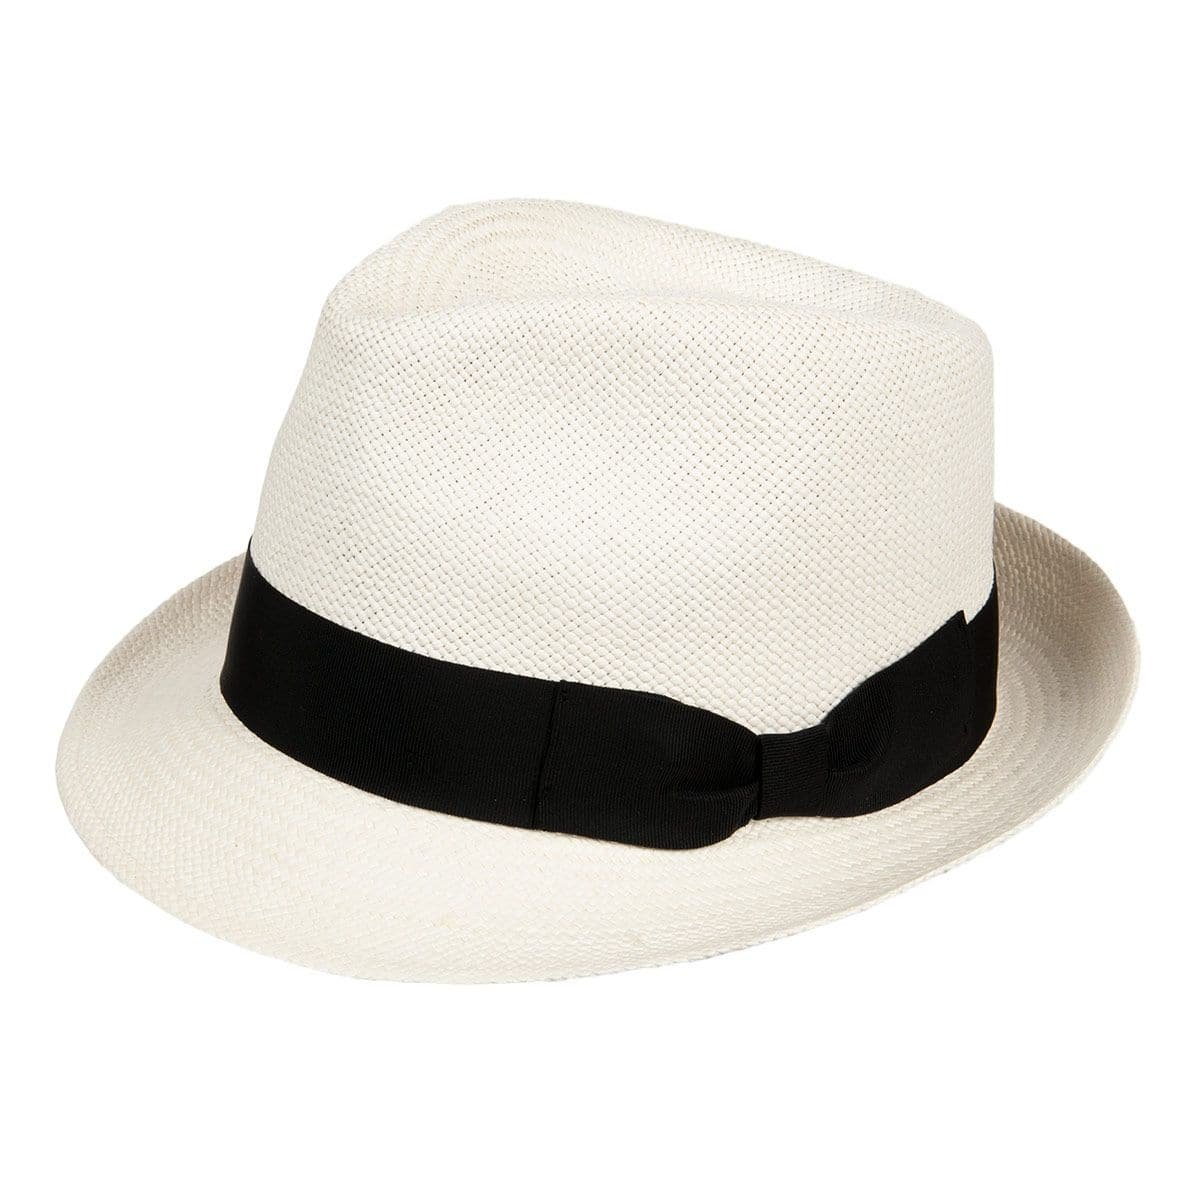 Panamahut für Damen extra groß Hut Hüte